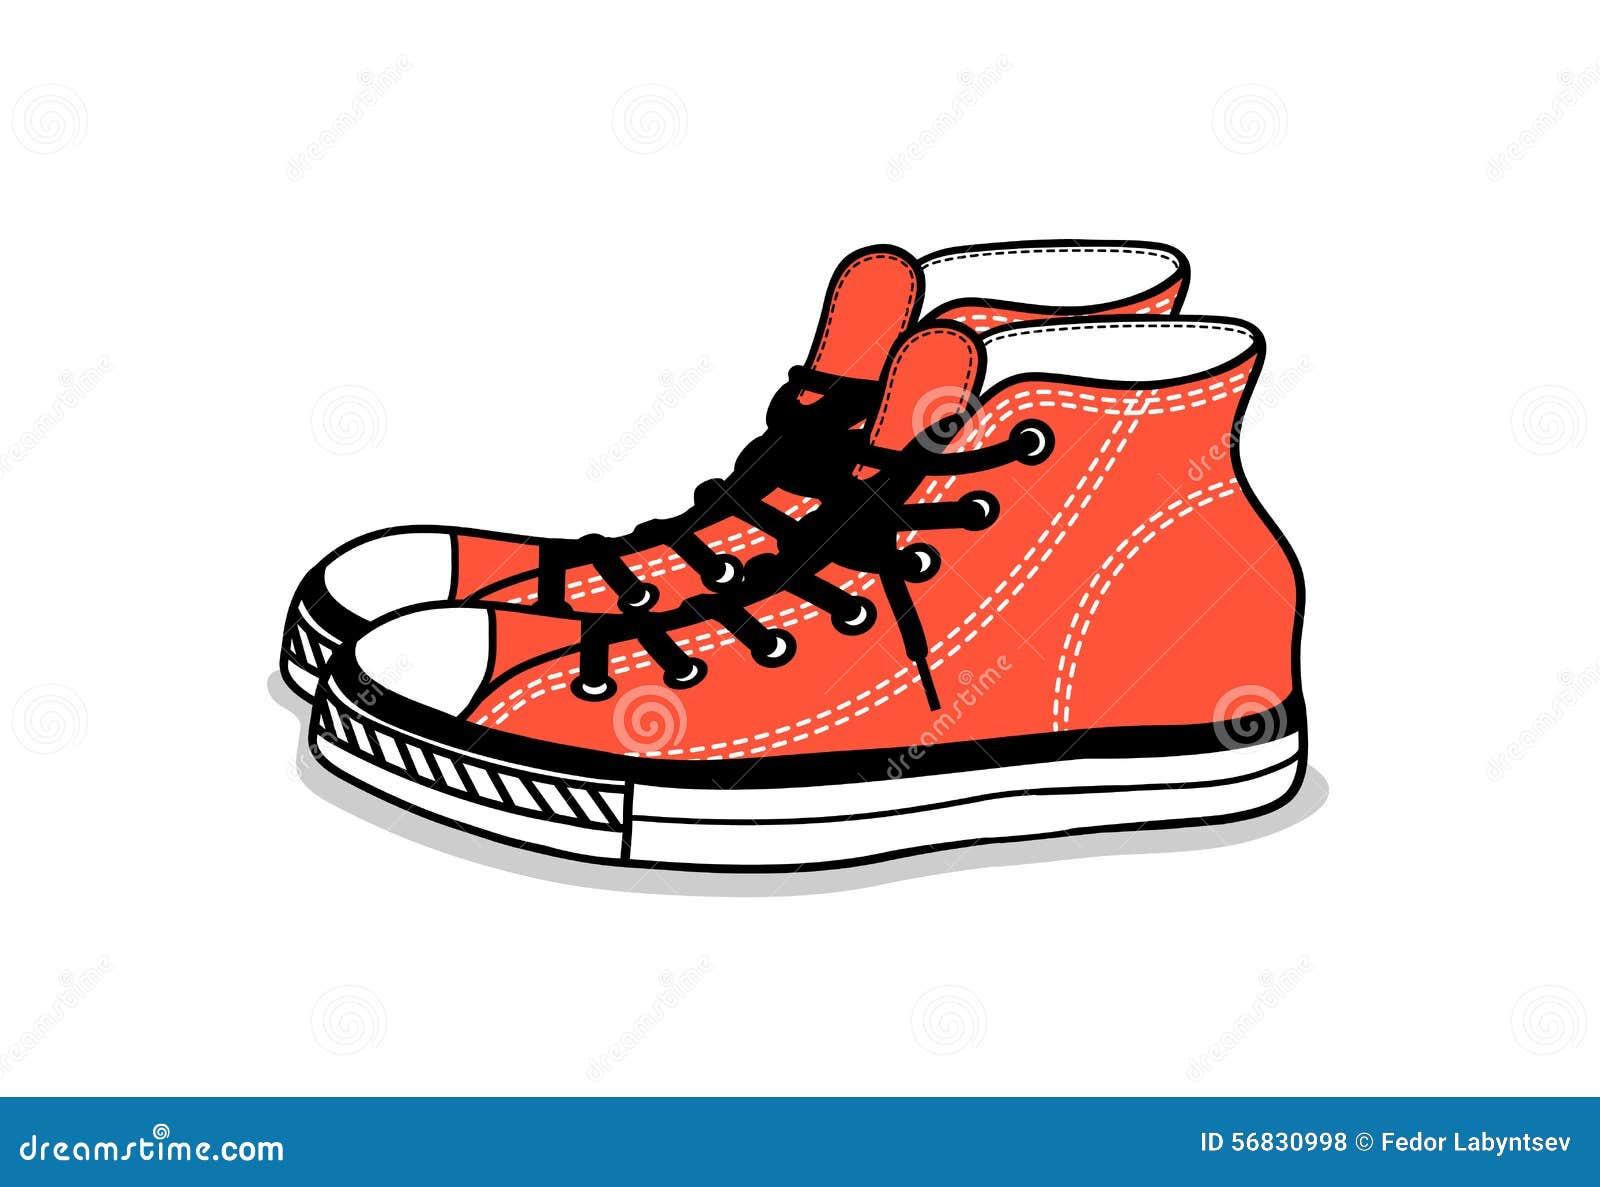 dessin des chaussures de sports chaussures faciles de la jeunesse